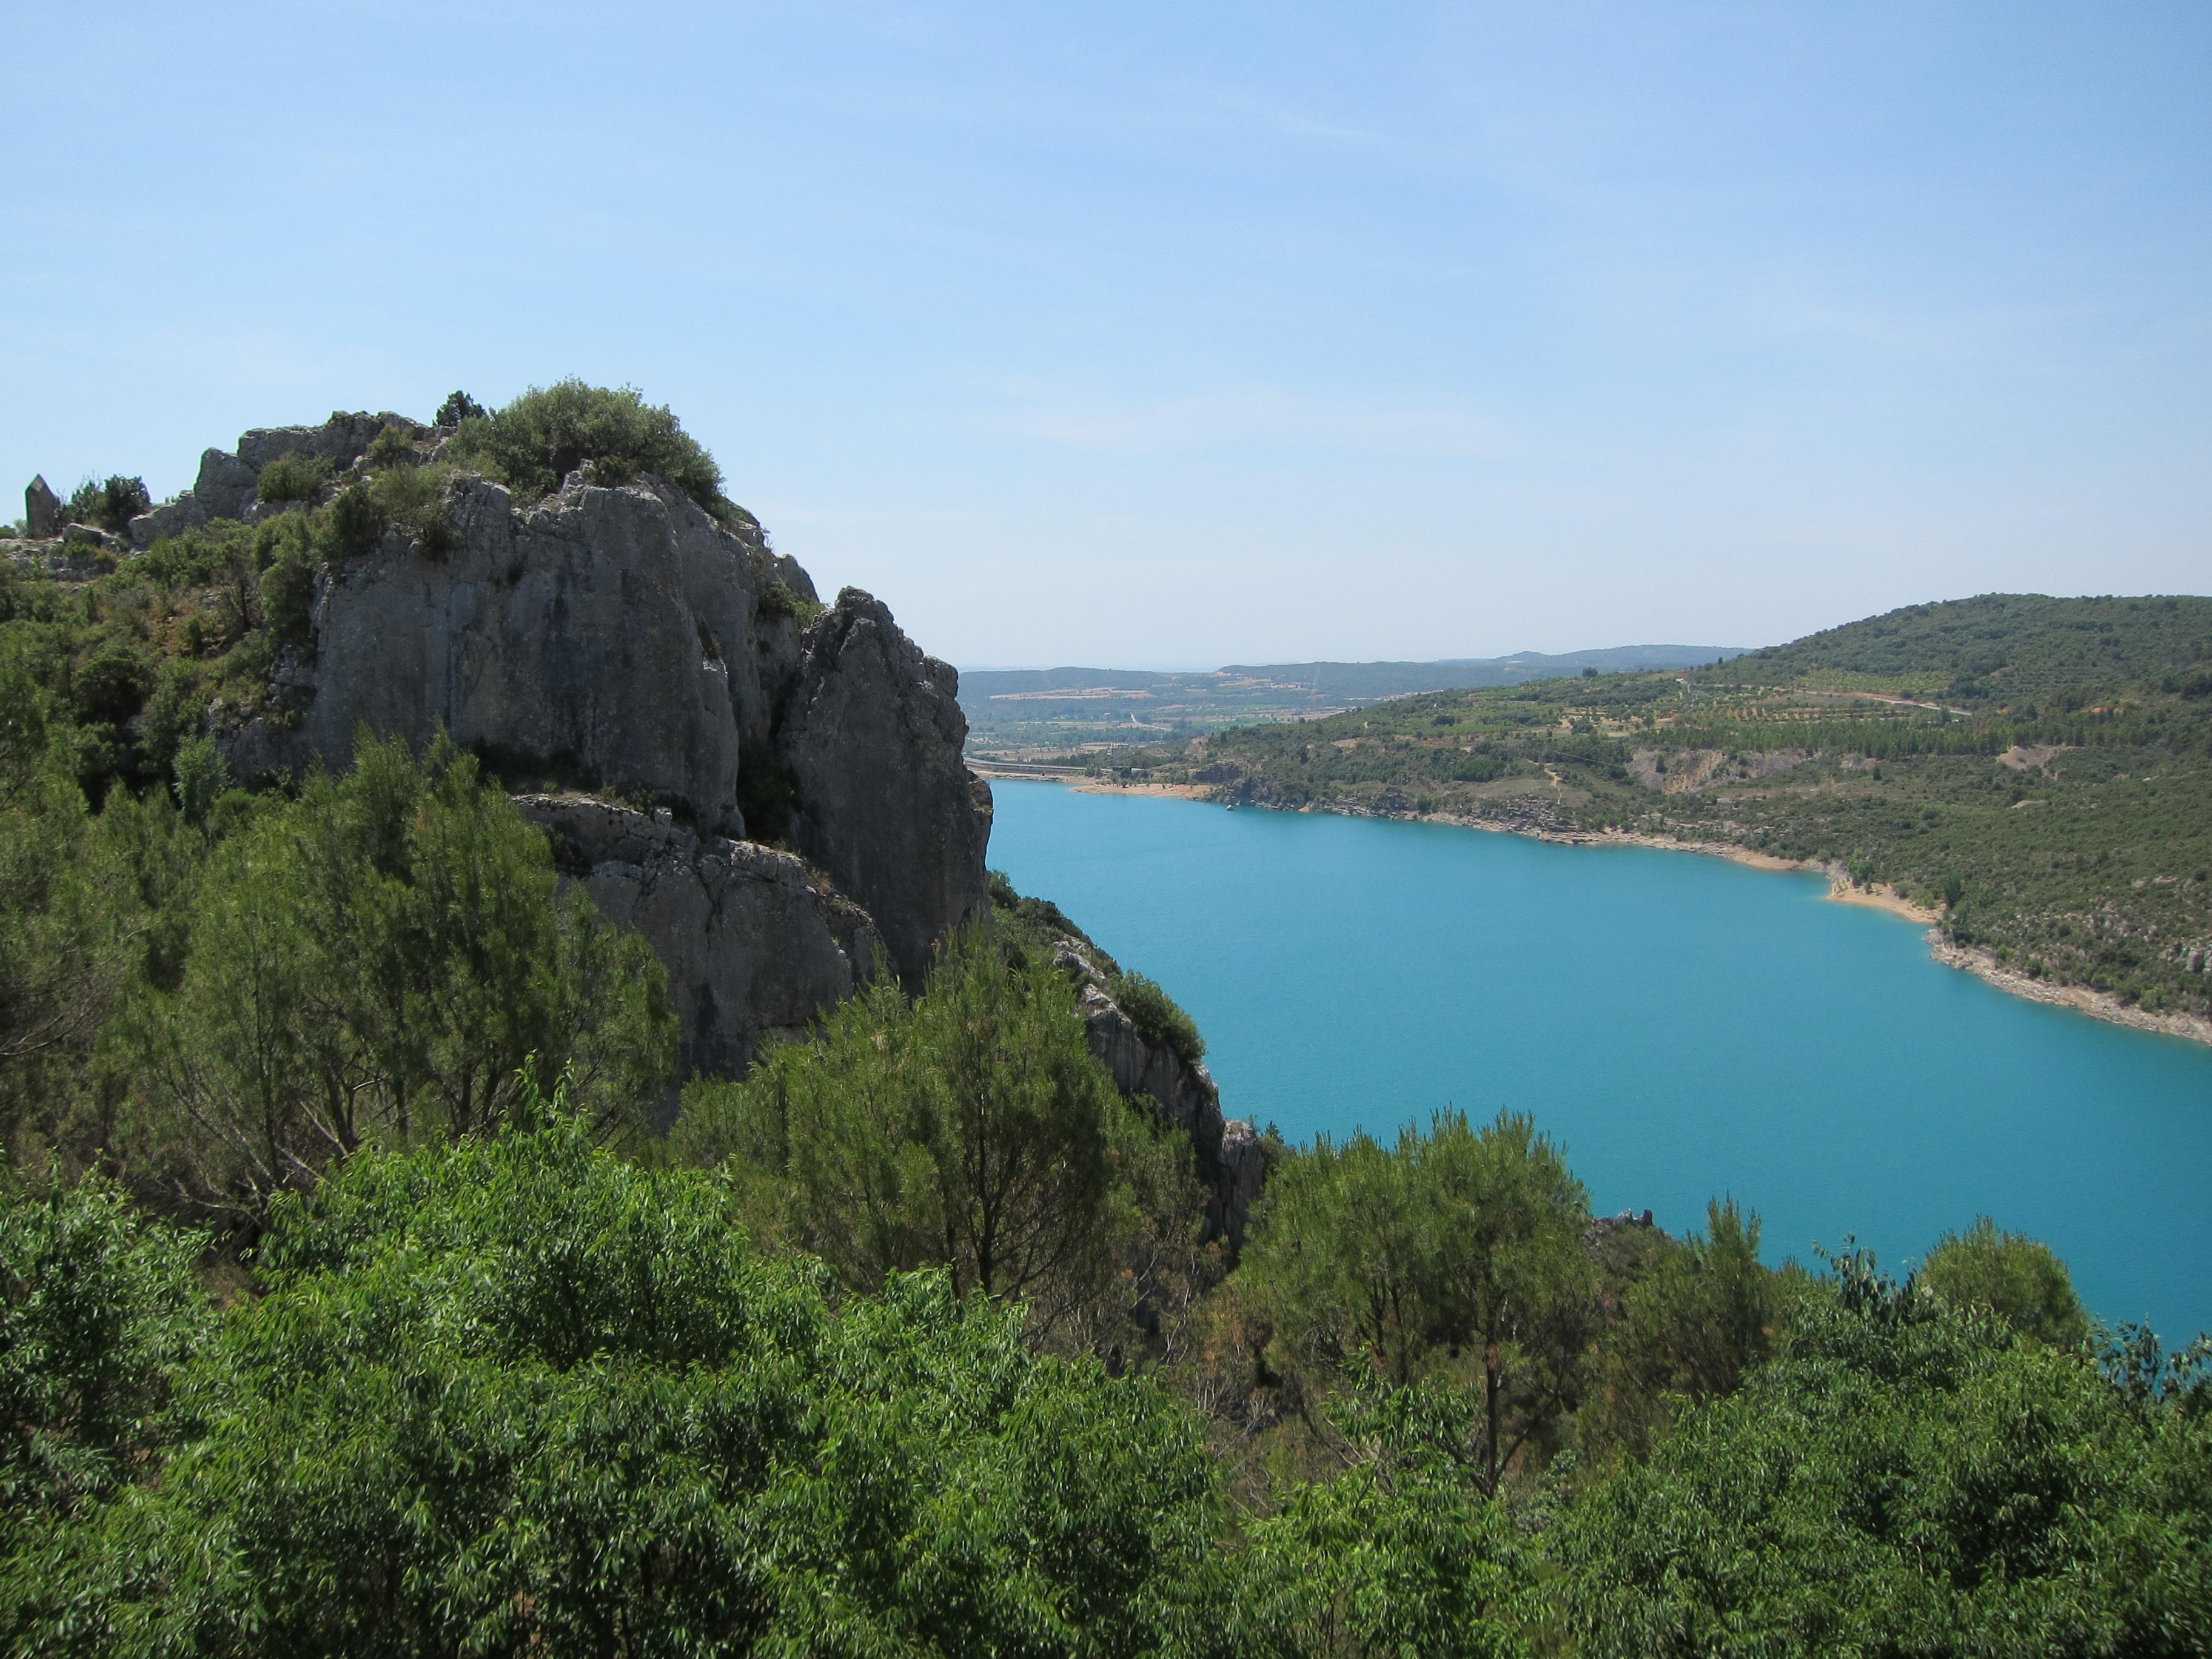 La cuenca del Duero se encuentra al 36,3% de su capacidad, con 2.727 hectómetros cúbicos de agua embalsada